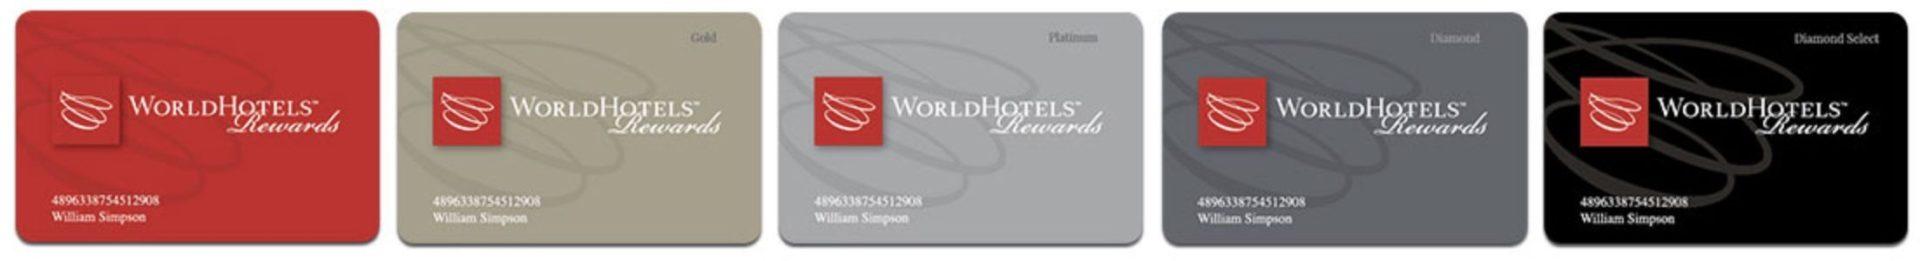 status WorldHotels